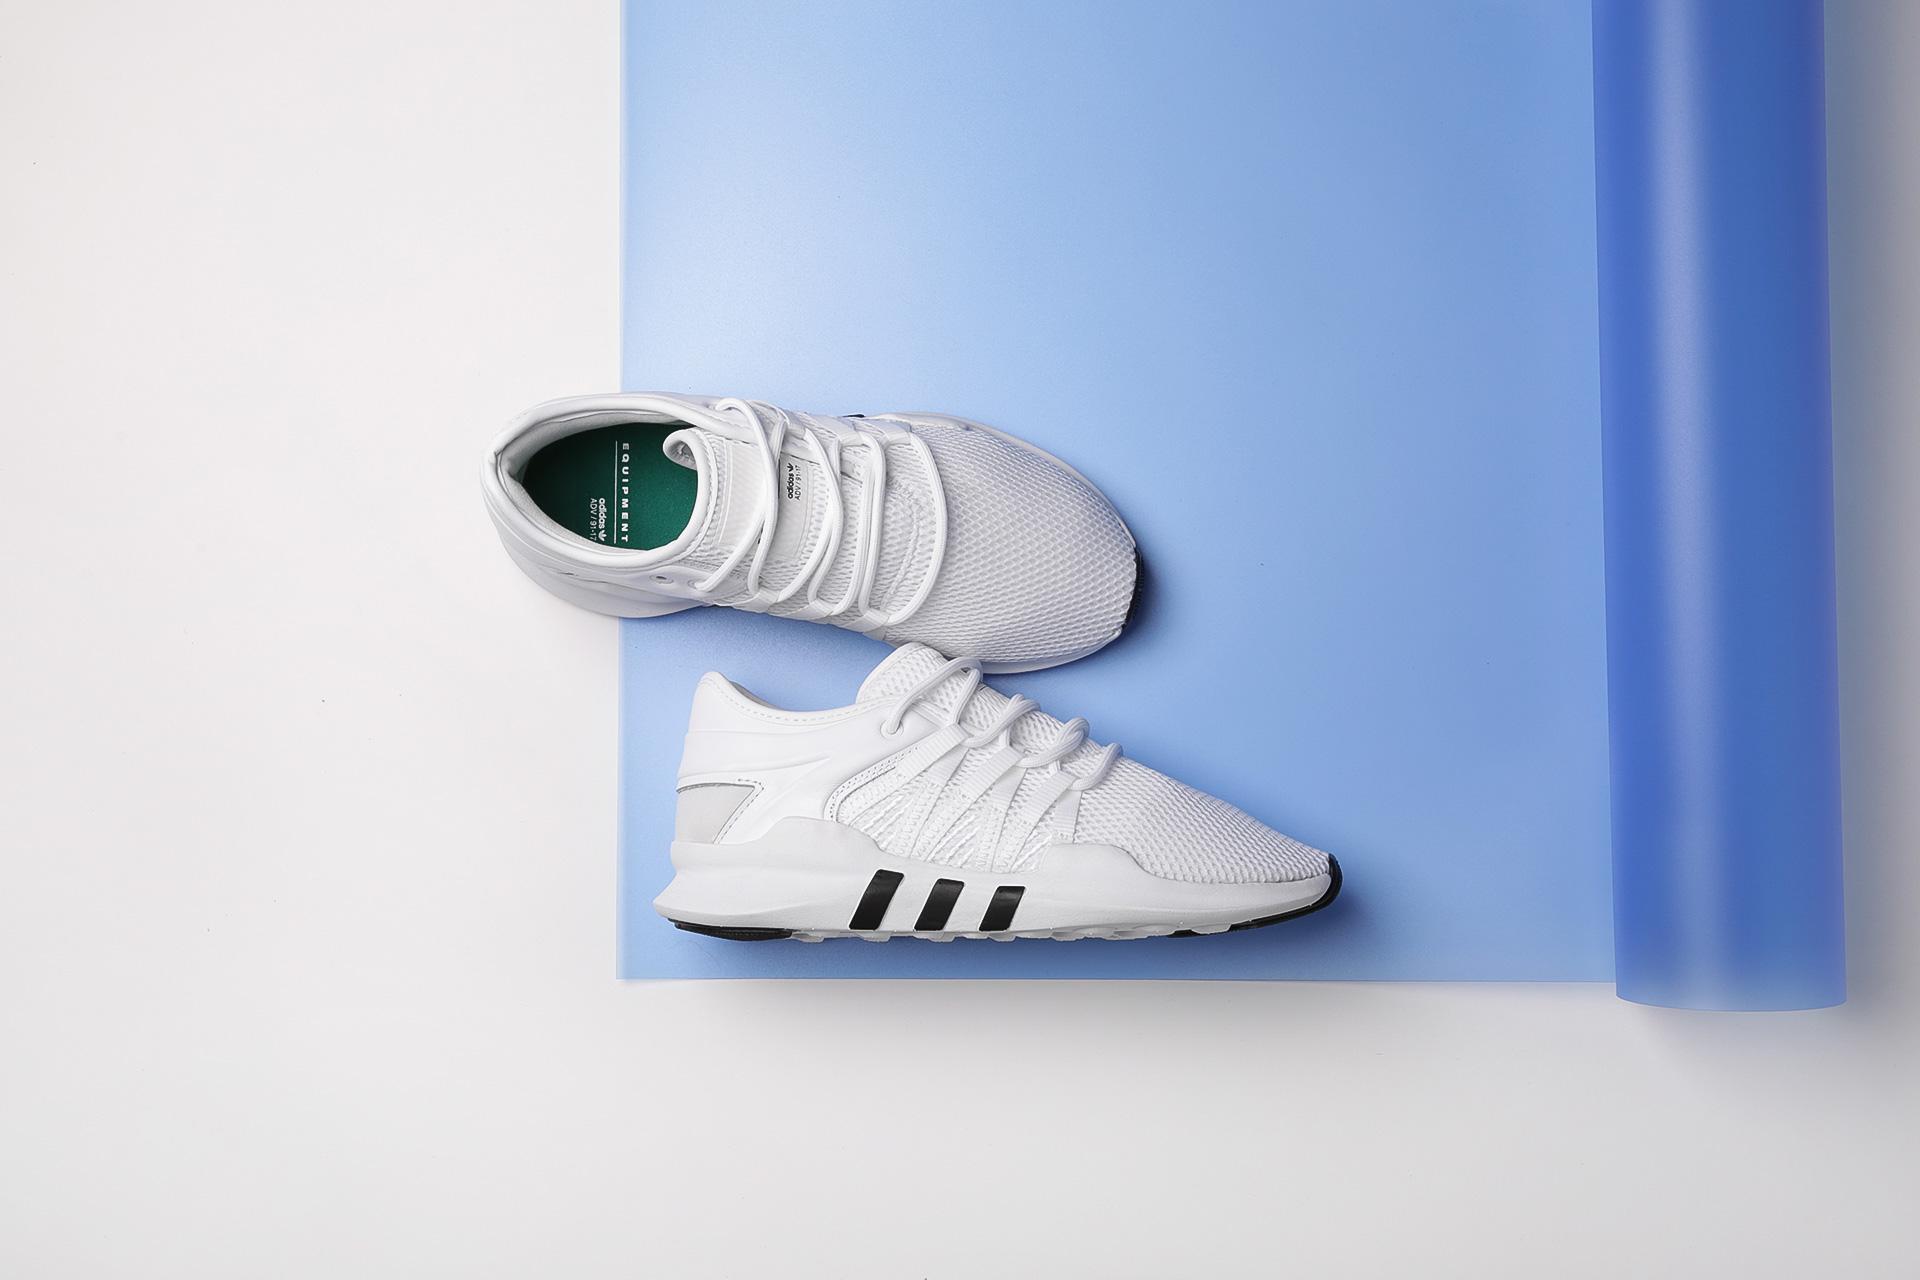 8d10bacea Купить белые женские кроссовки EQT Racing ADV W от adidas Originals ...